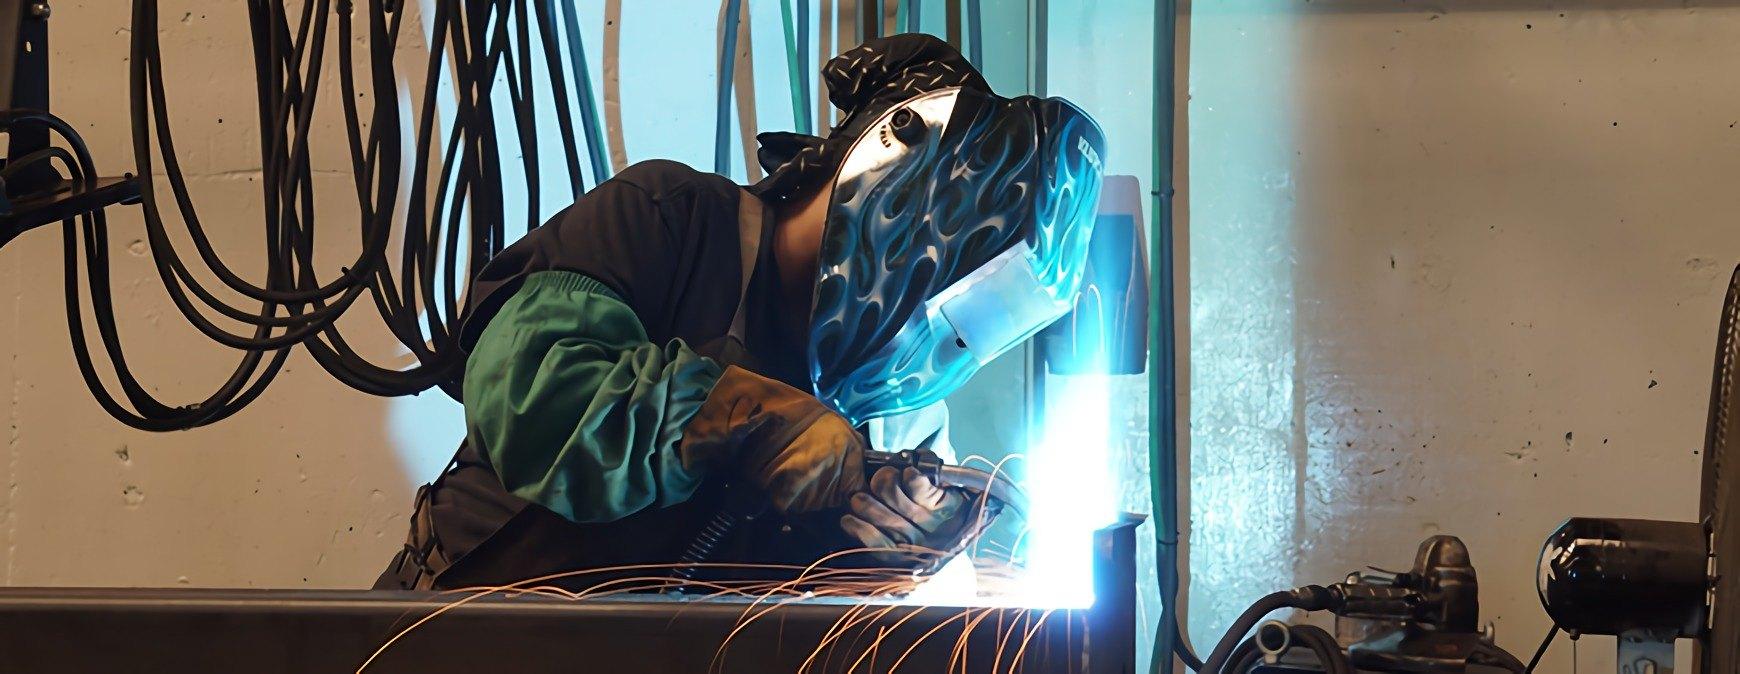 welder practicing trade